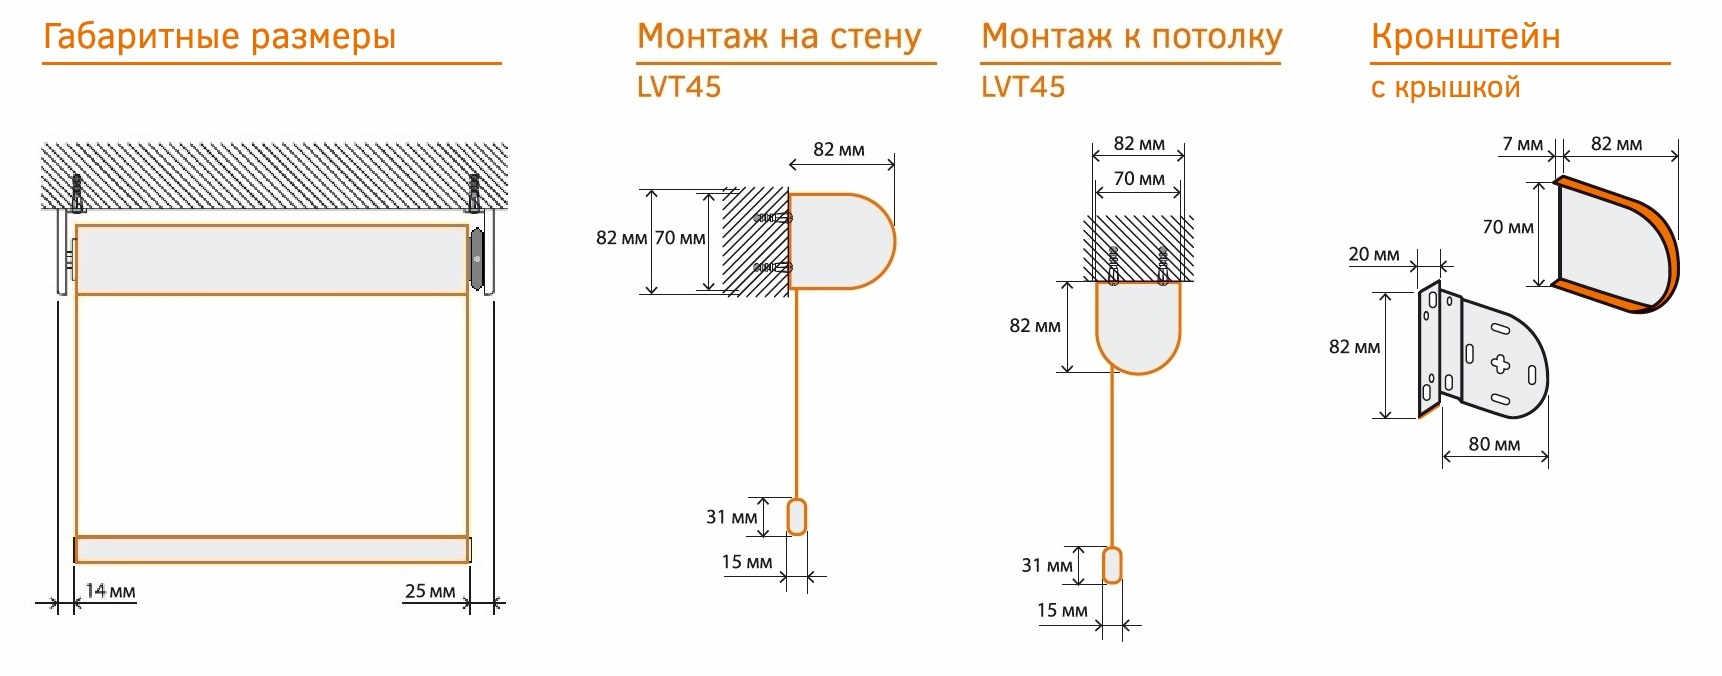 montazhnye rrazmery LVT45